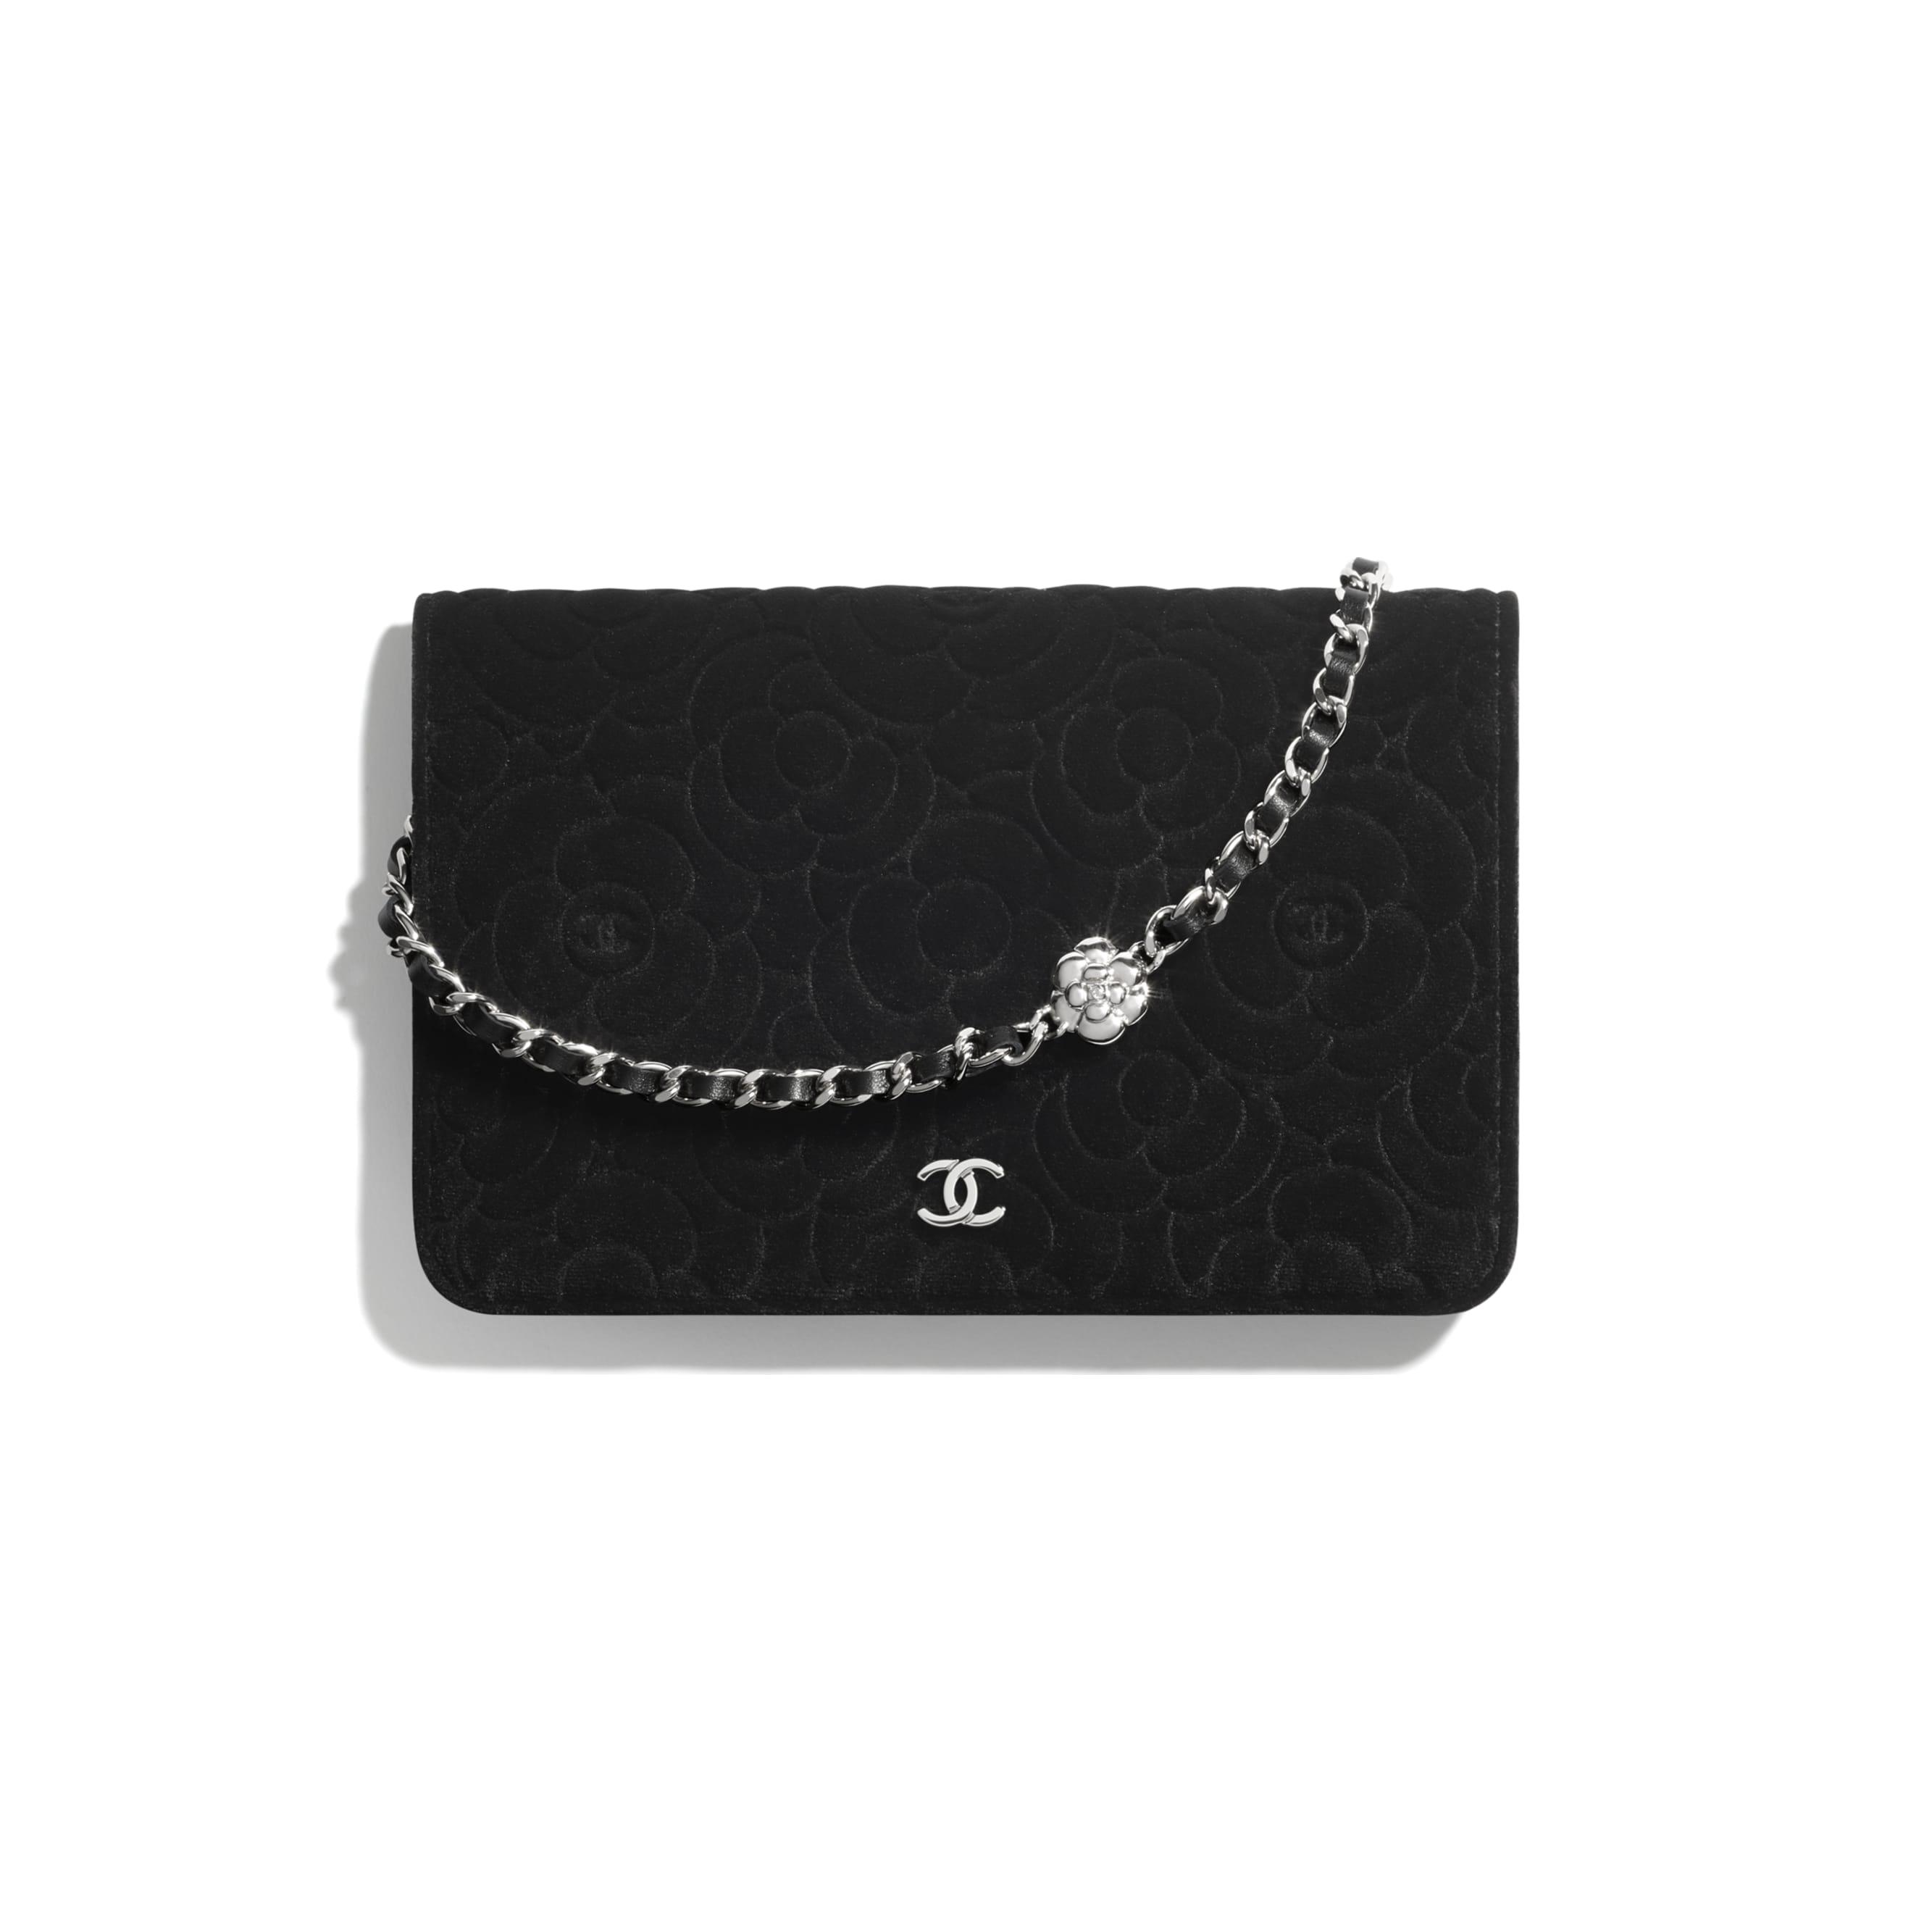 Torebka portfelowa z łańcuchem  - Kolor czarny - Aksamit i metal w tonacji srebrnej - CHANEL - Widok domyślny – zobacz w standardowym rozmiarze